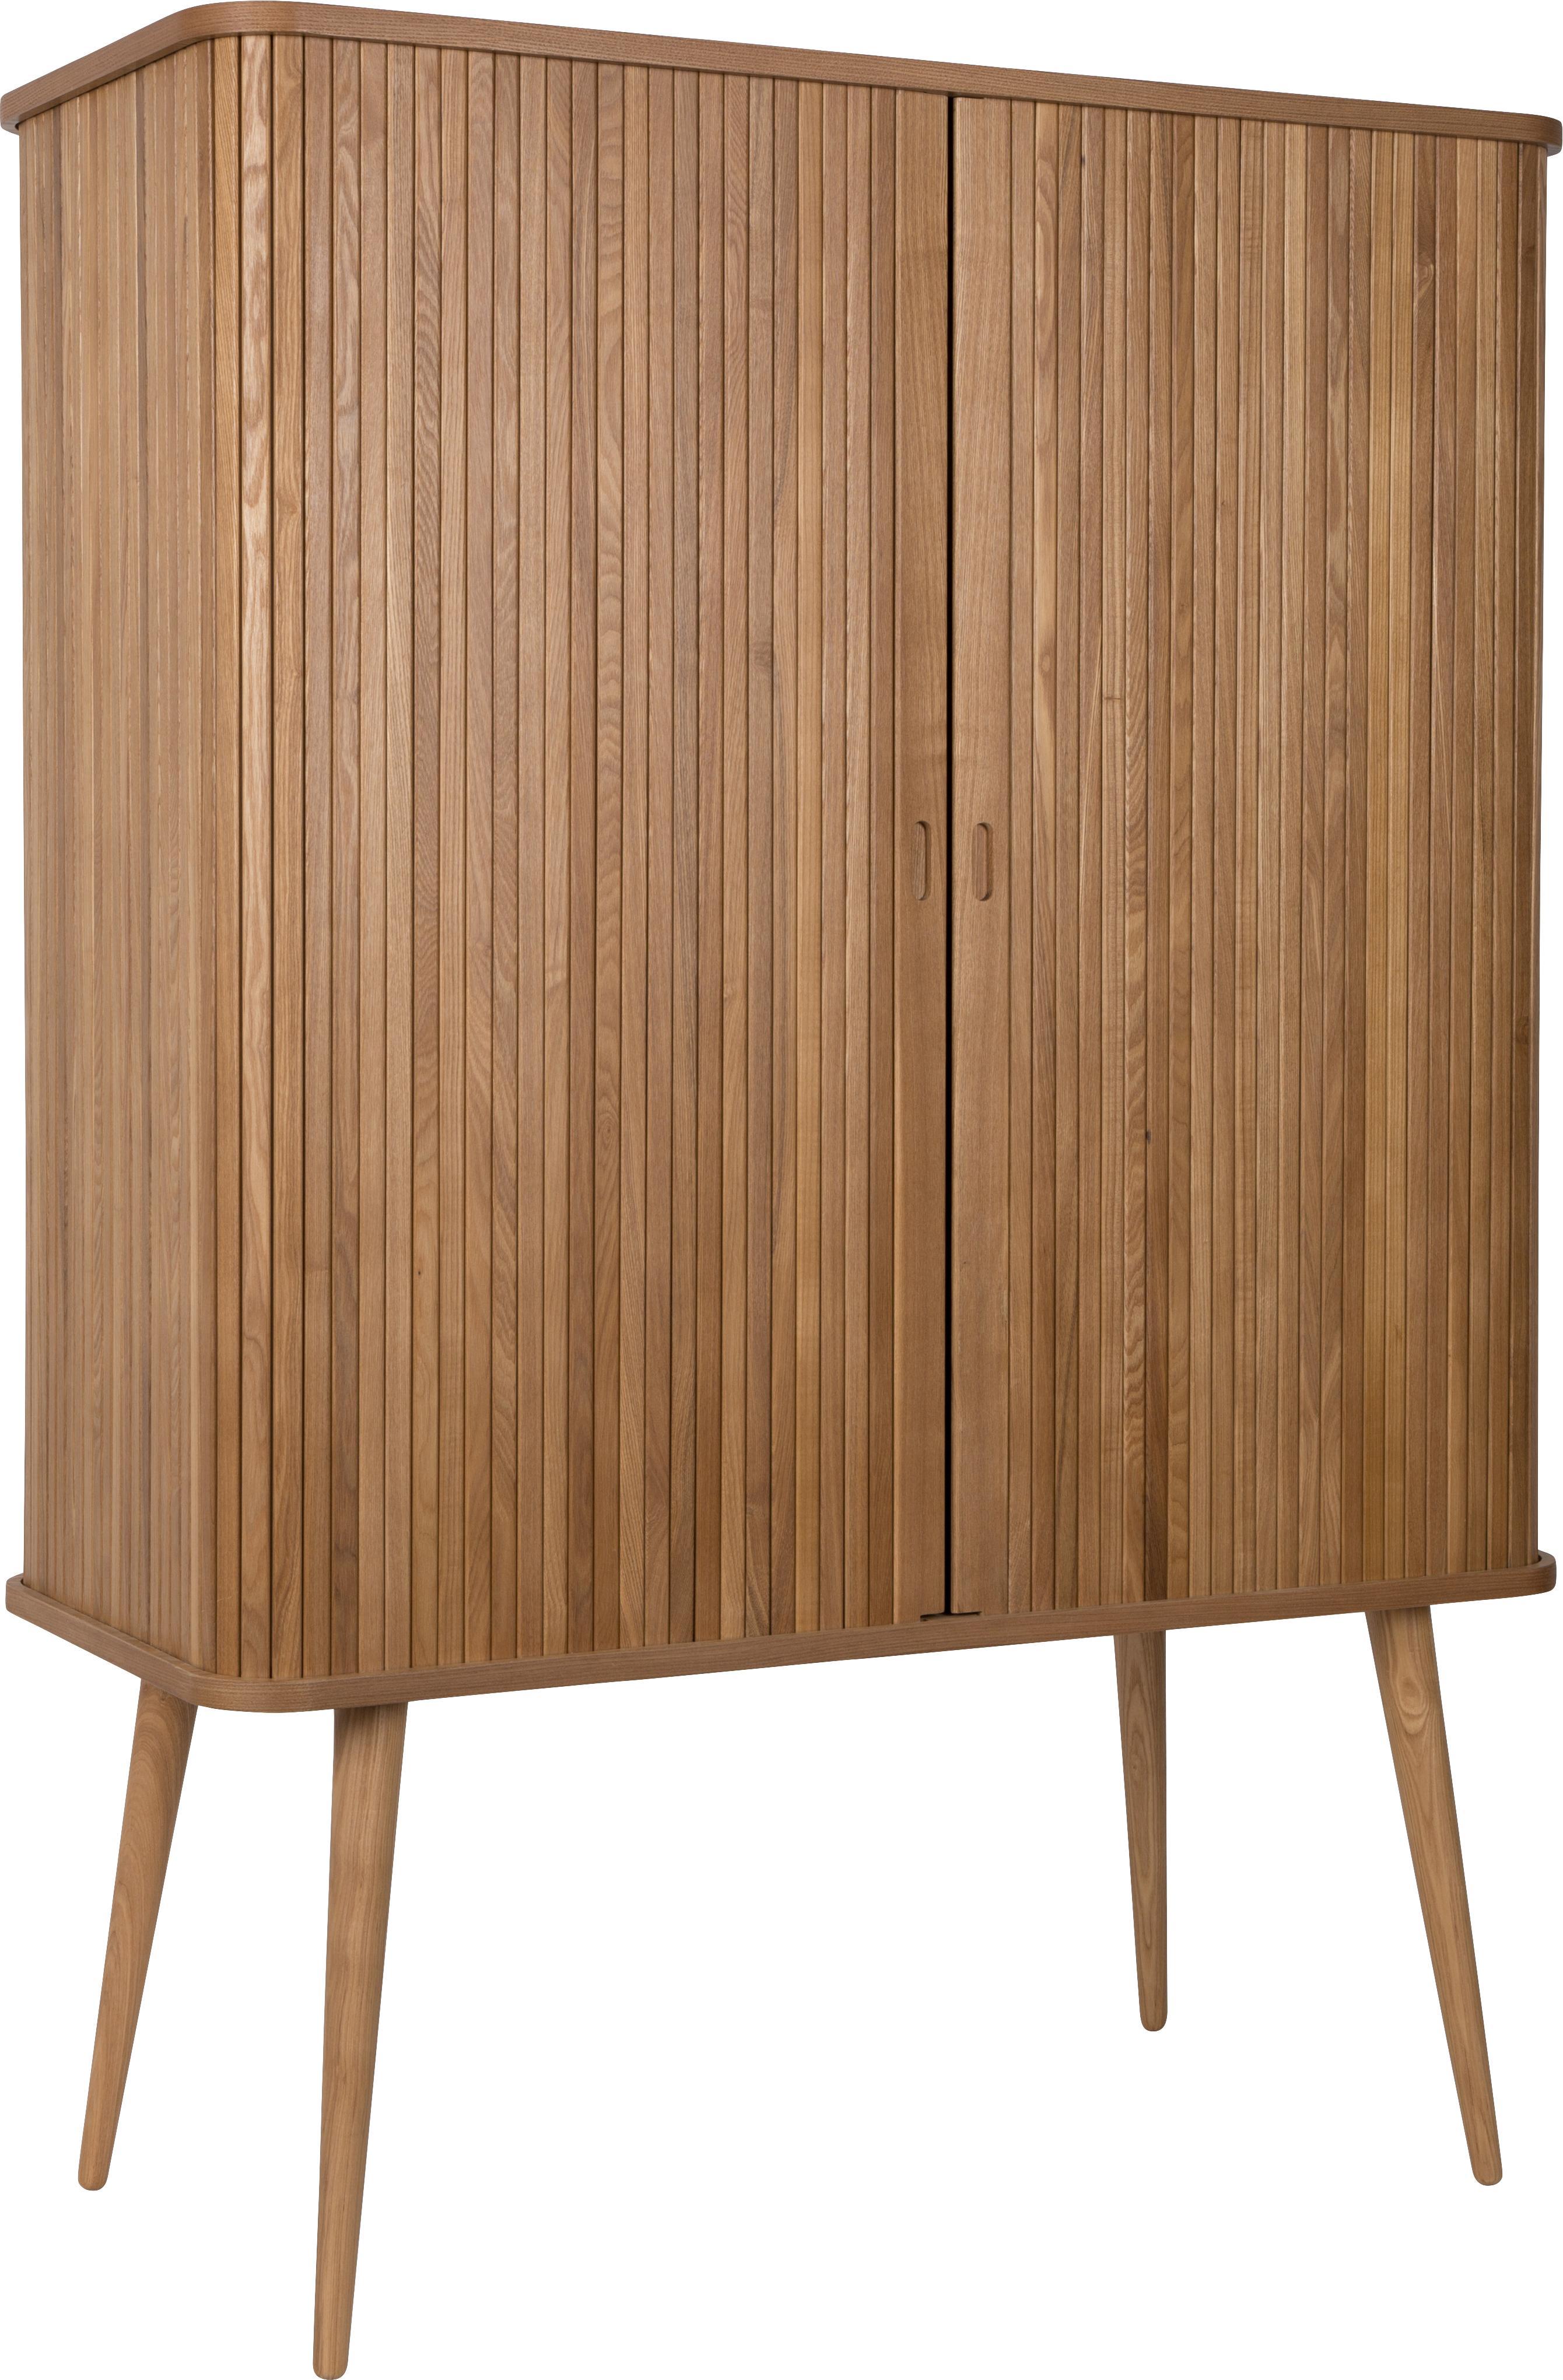 Credenza alta di design retrò Barbier, Ripiani: vetro, Corpo: marrone Ante scorrevoli: legno di frassino Ripiani: trasparente, Larg. 100 x Alt. 140 cm